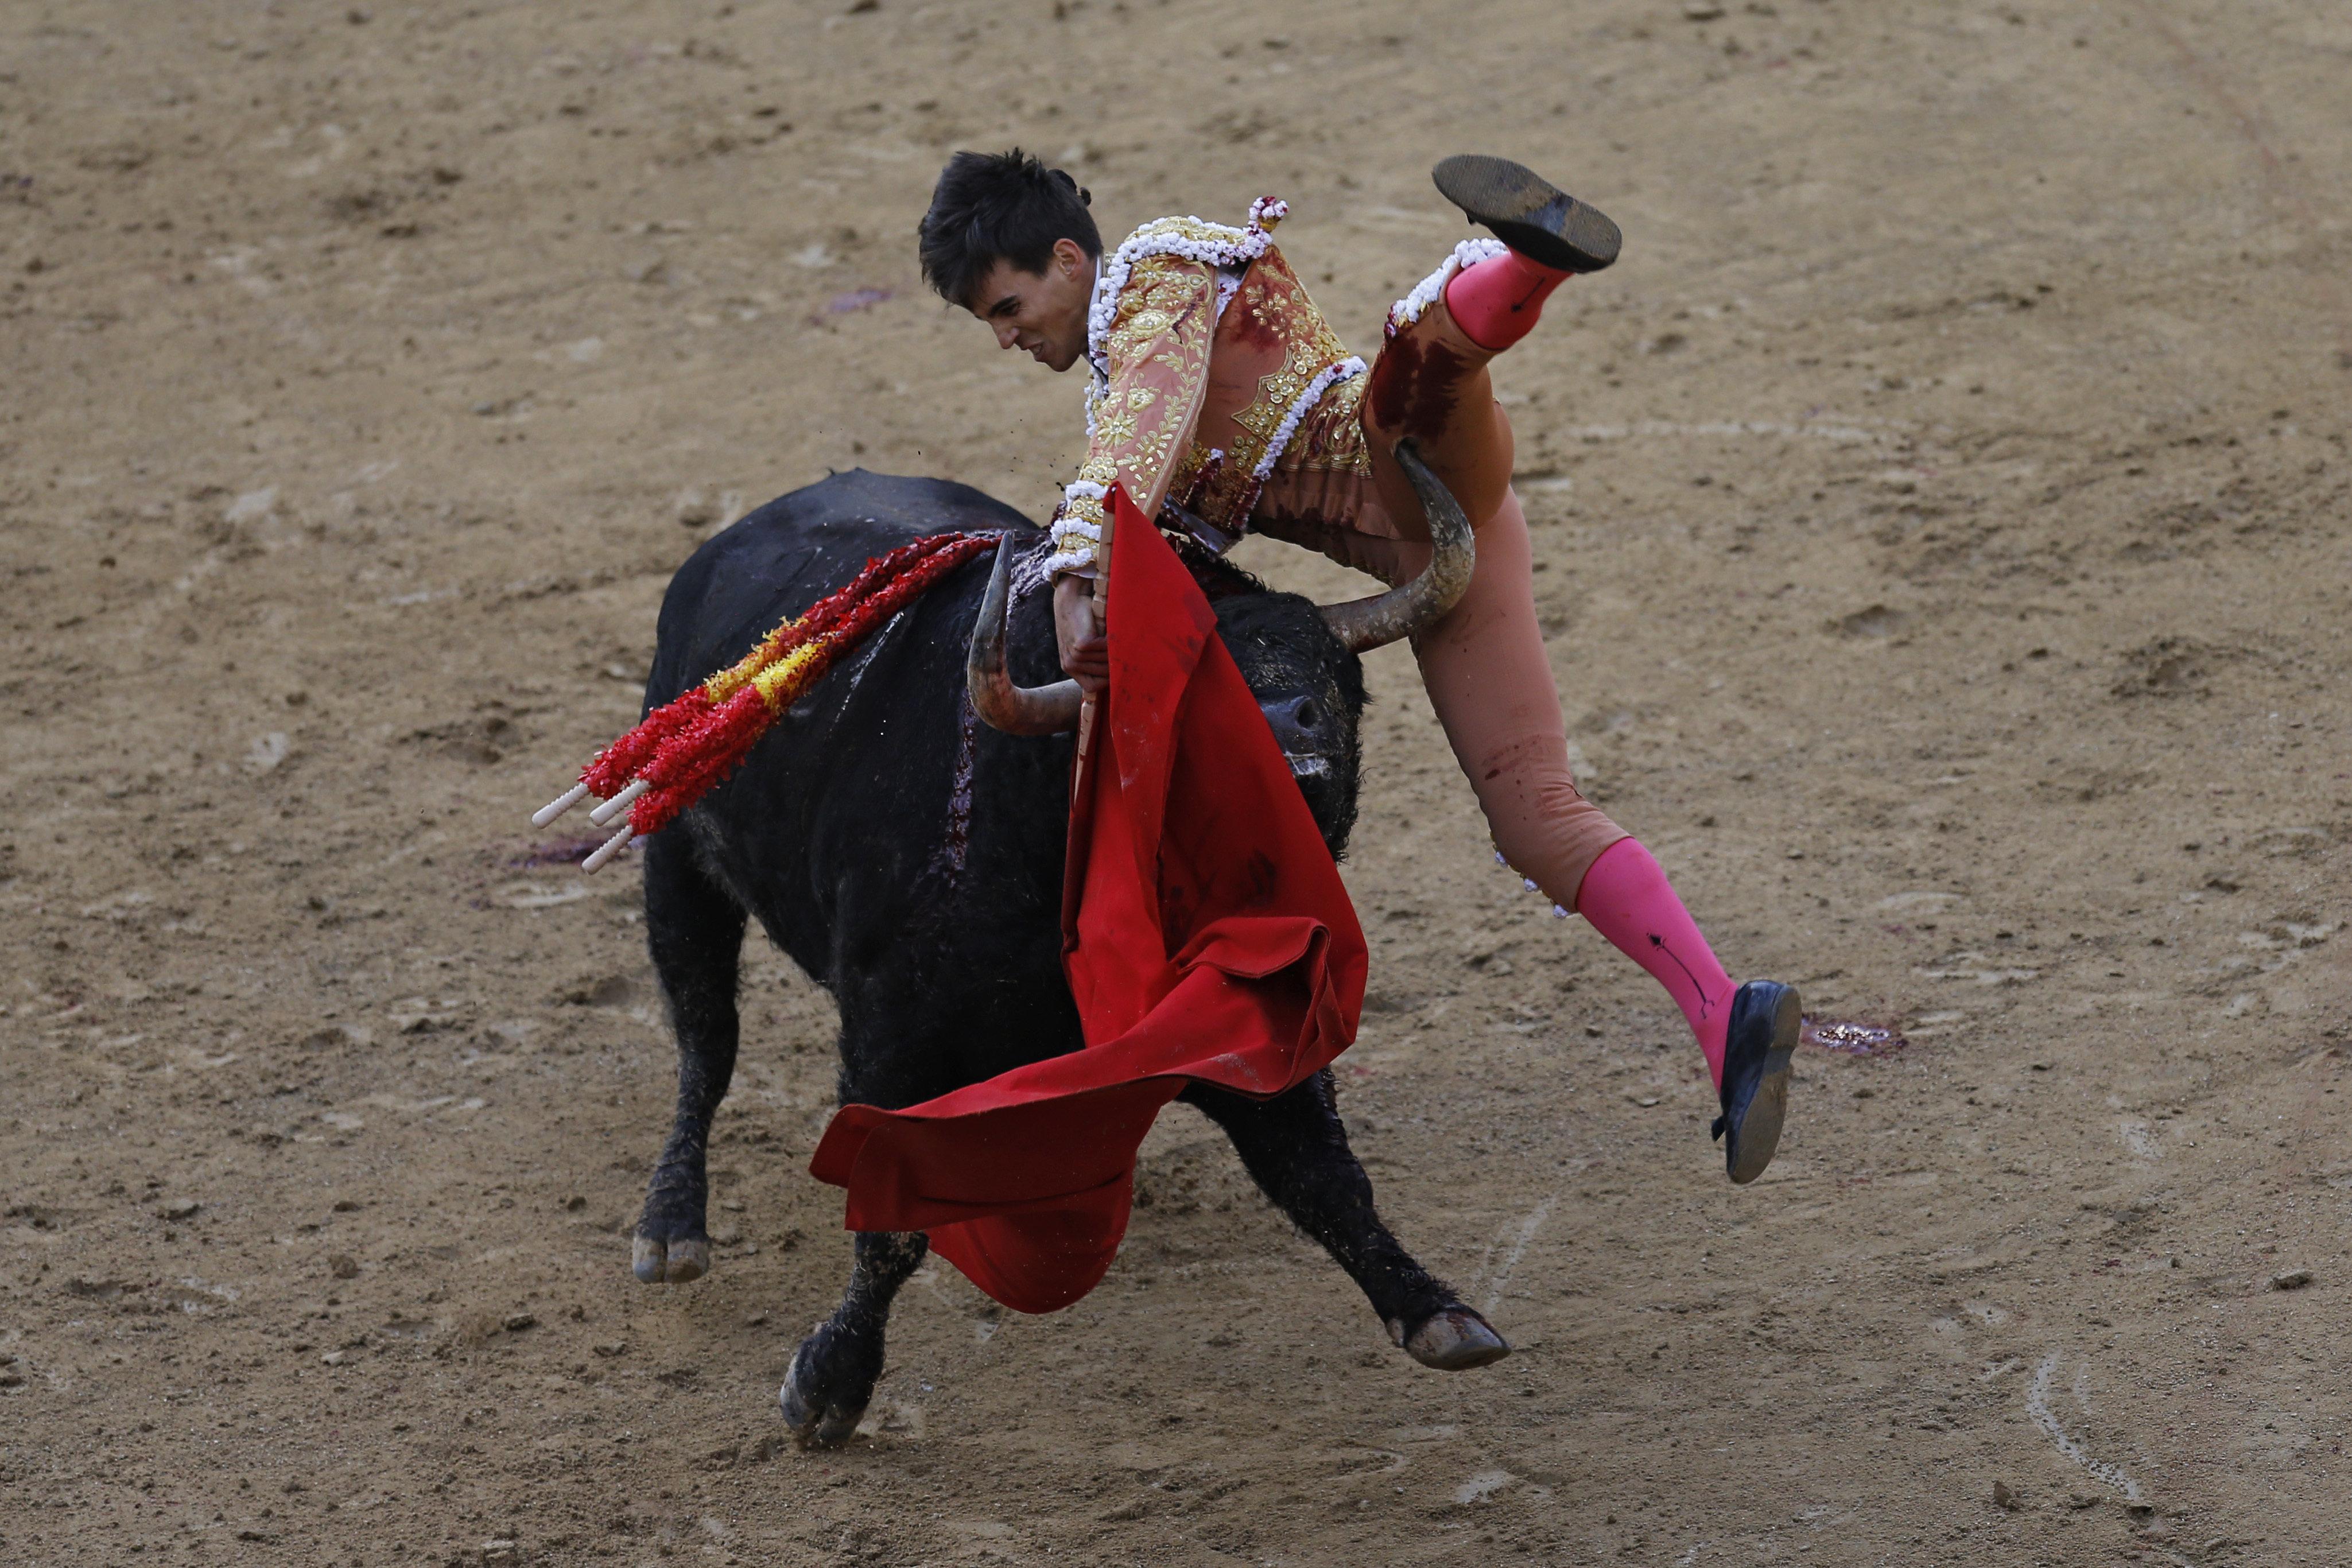 Η εκδίκηση ενός ταύρου: Καρφώνει ταυρομάχο και τον σηκώνει στον